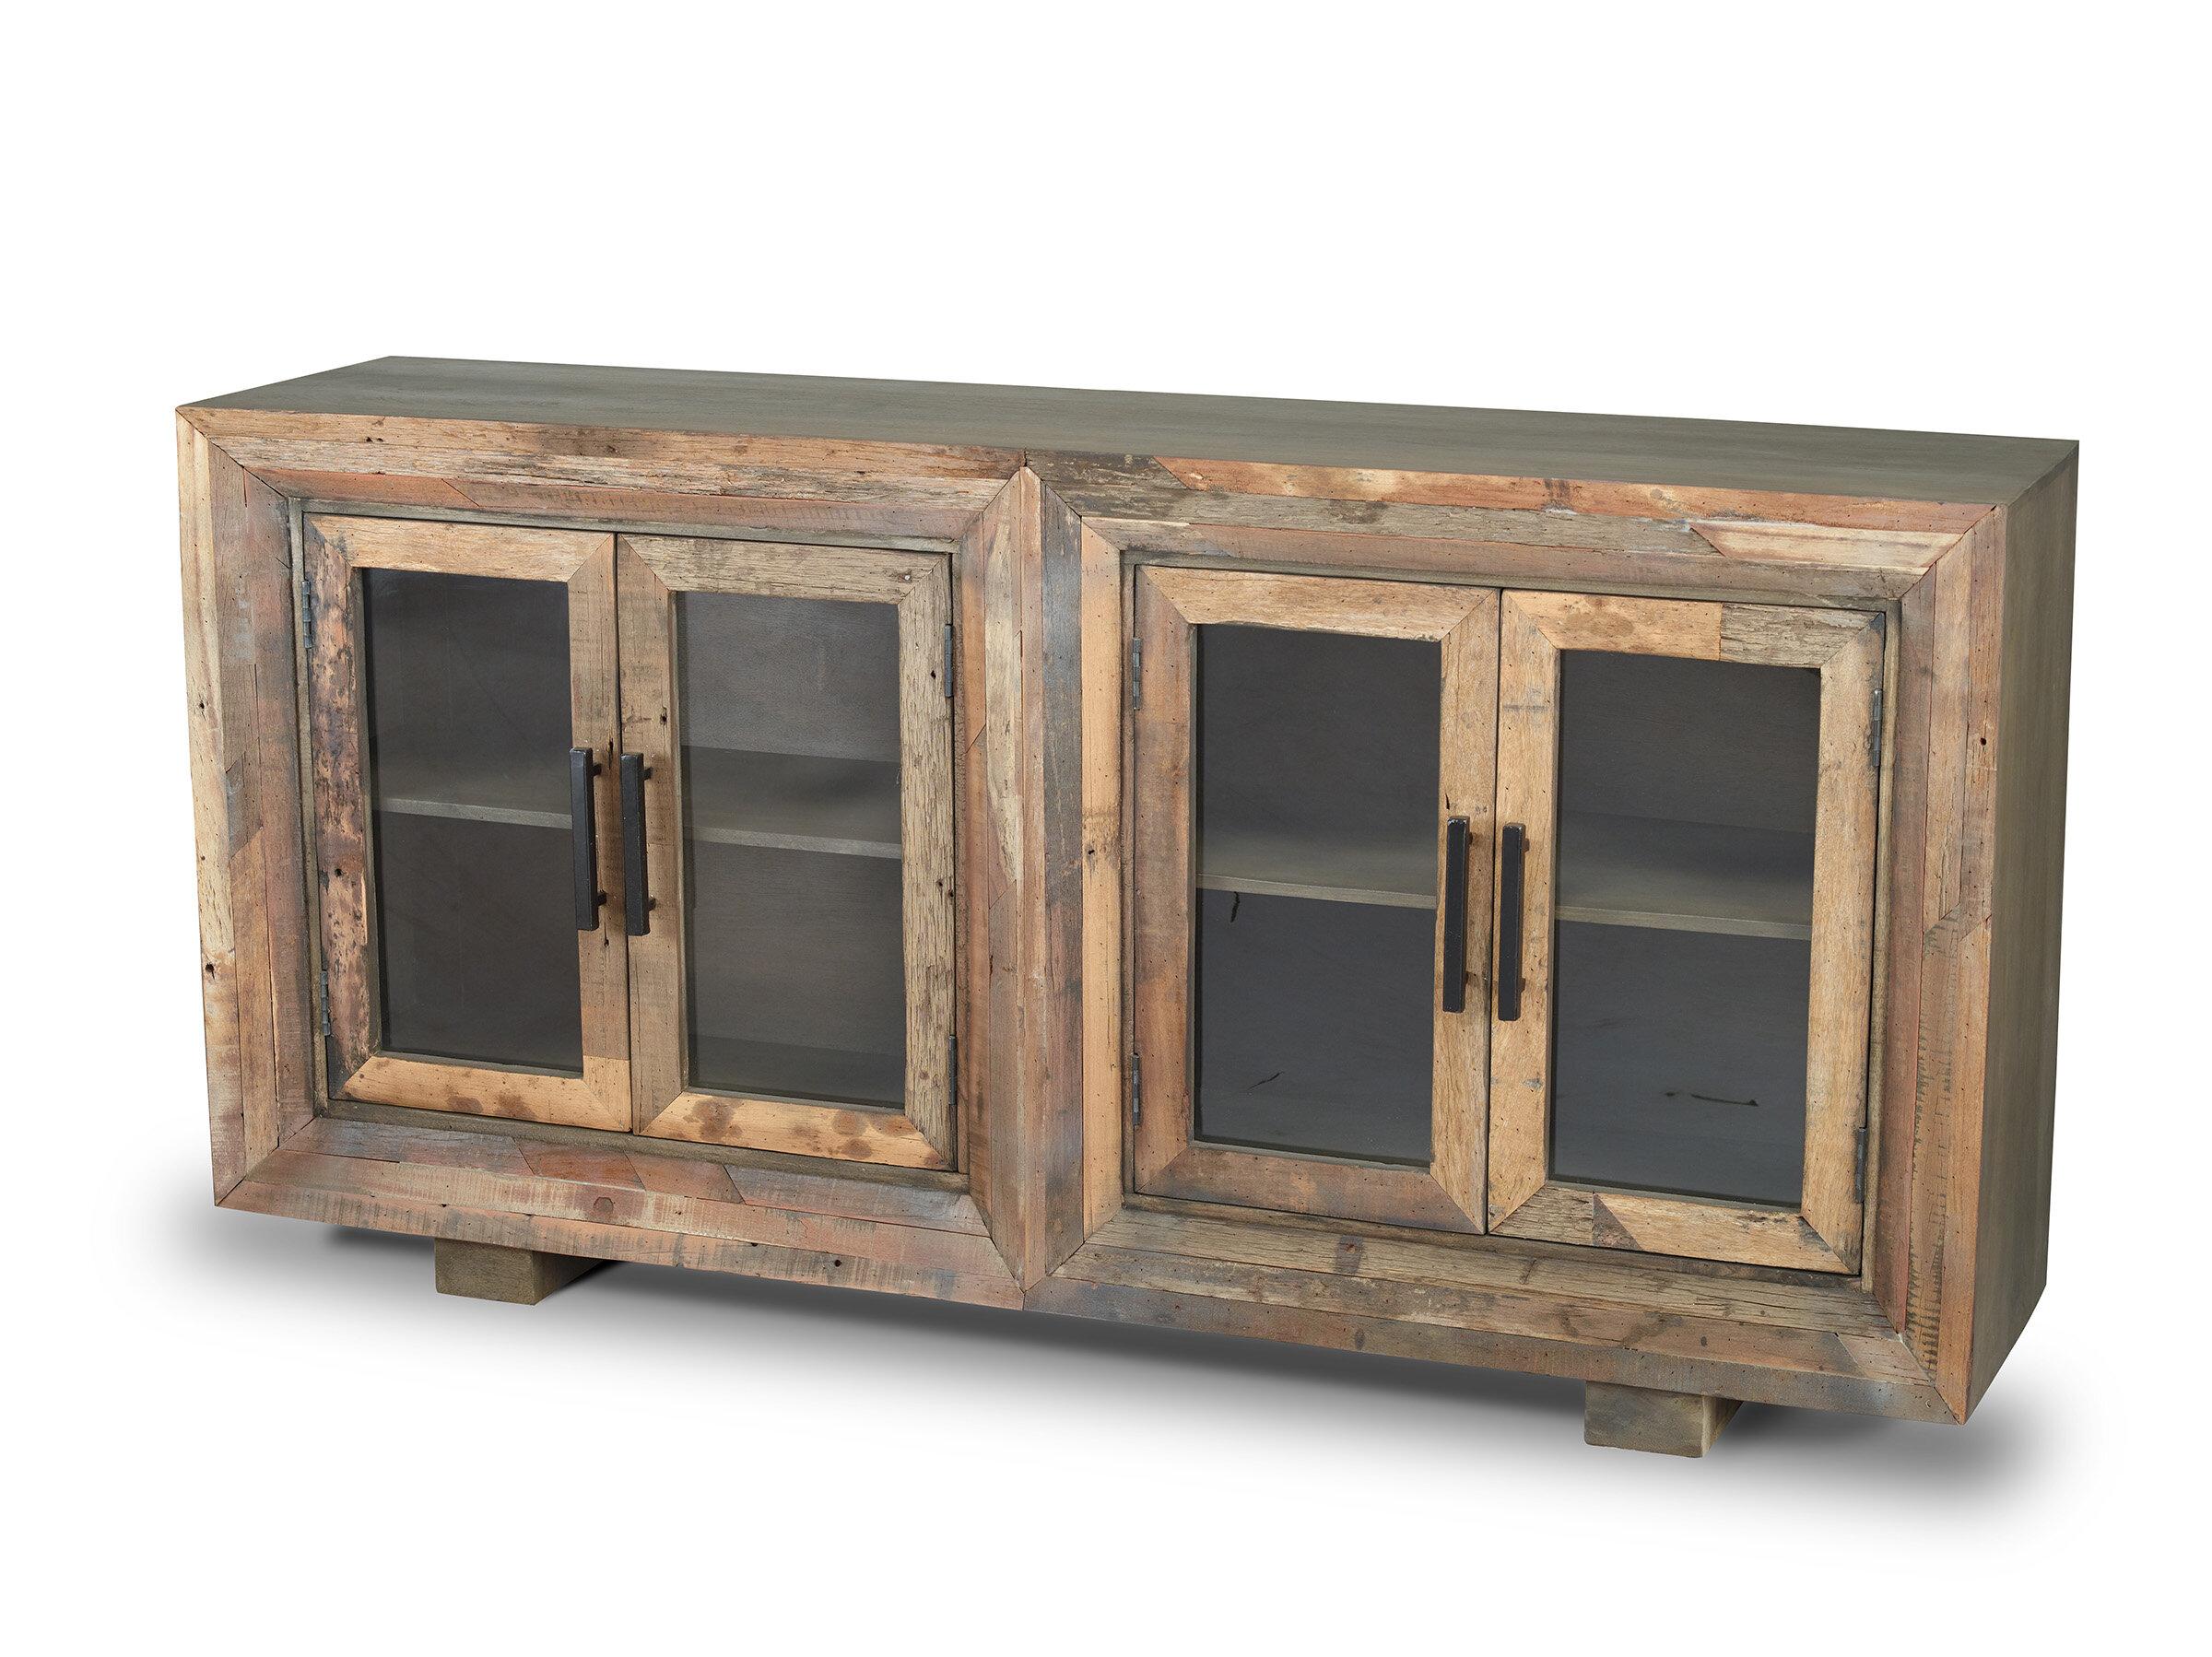 Stender 4 Door Sideboard with regard to Arminta Wood Sideboards (Image 27 of 30)